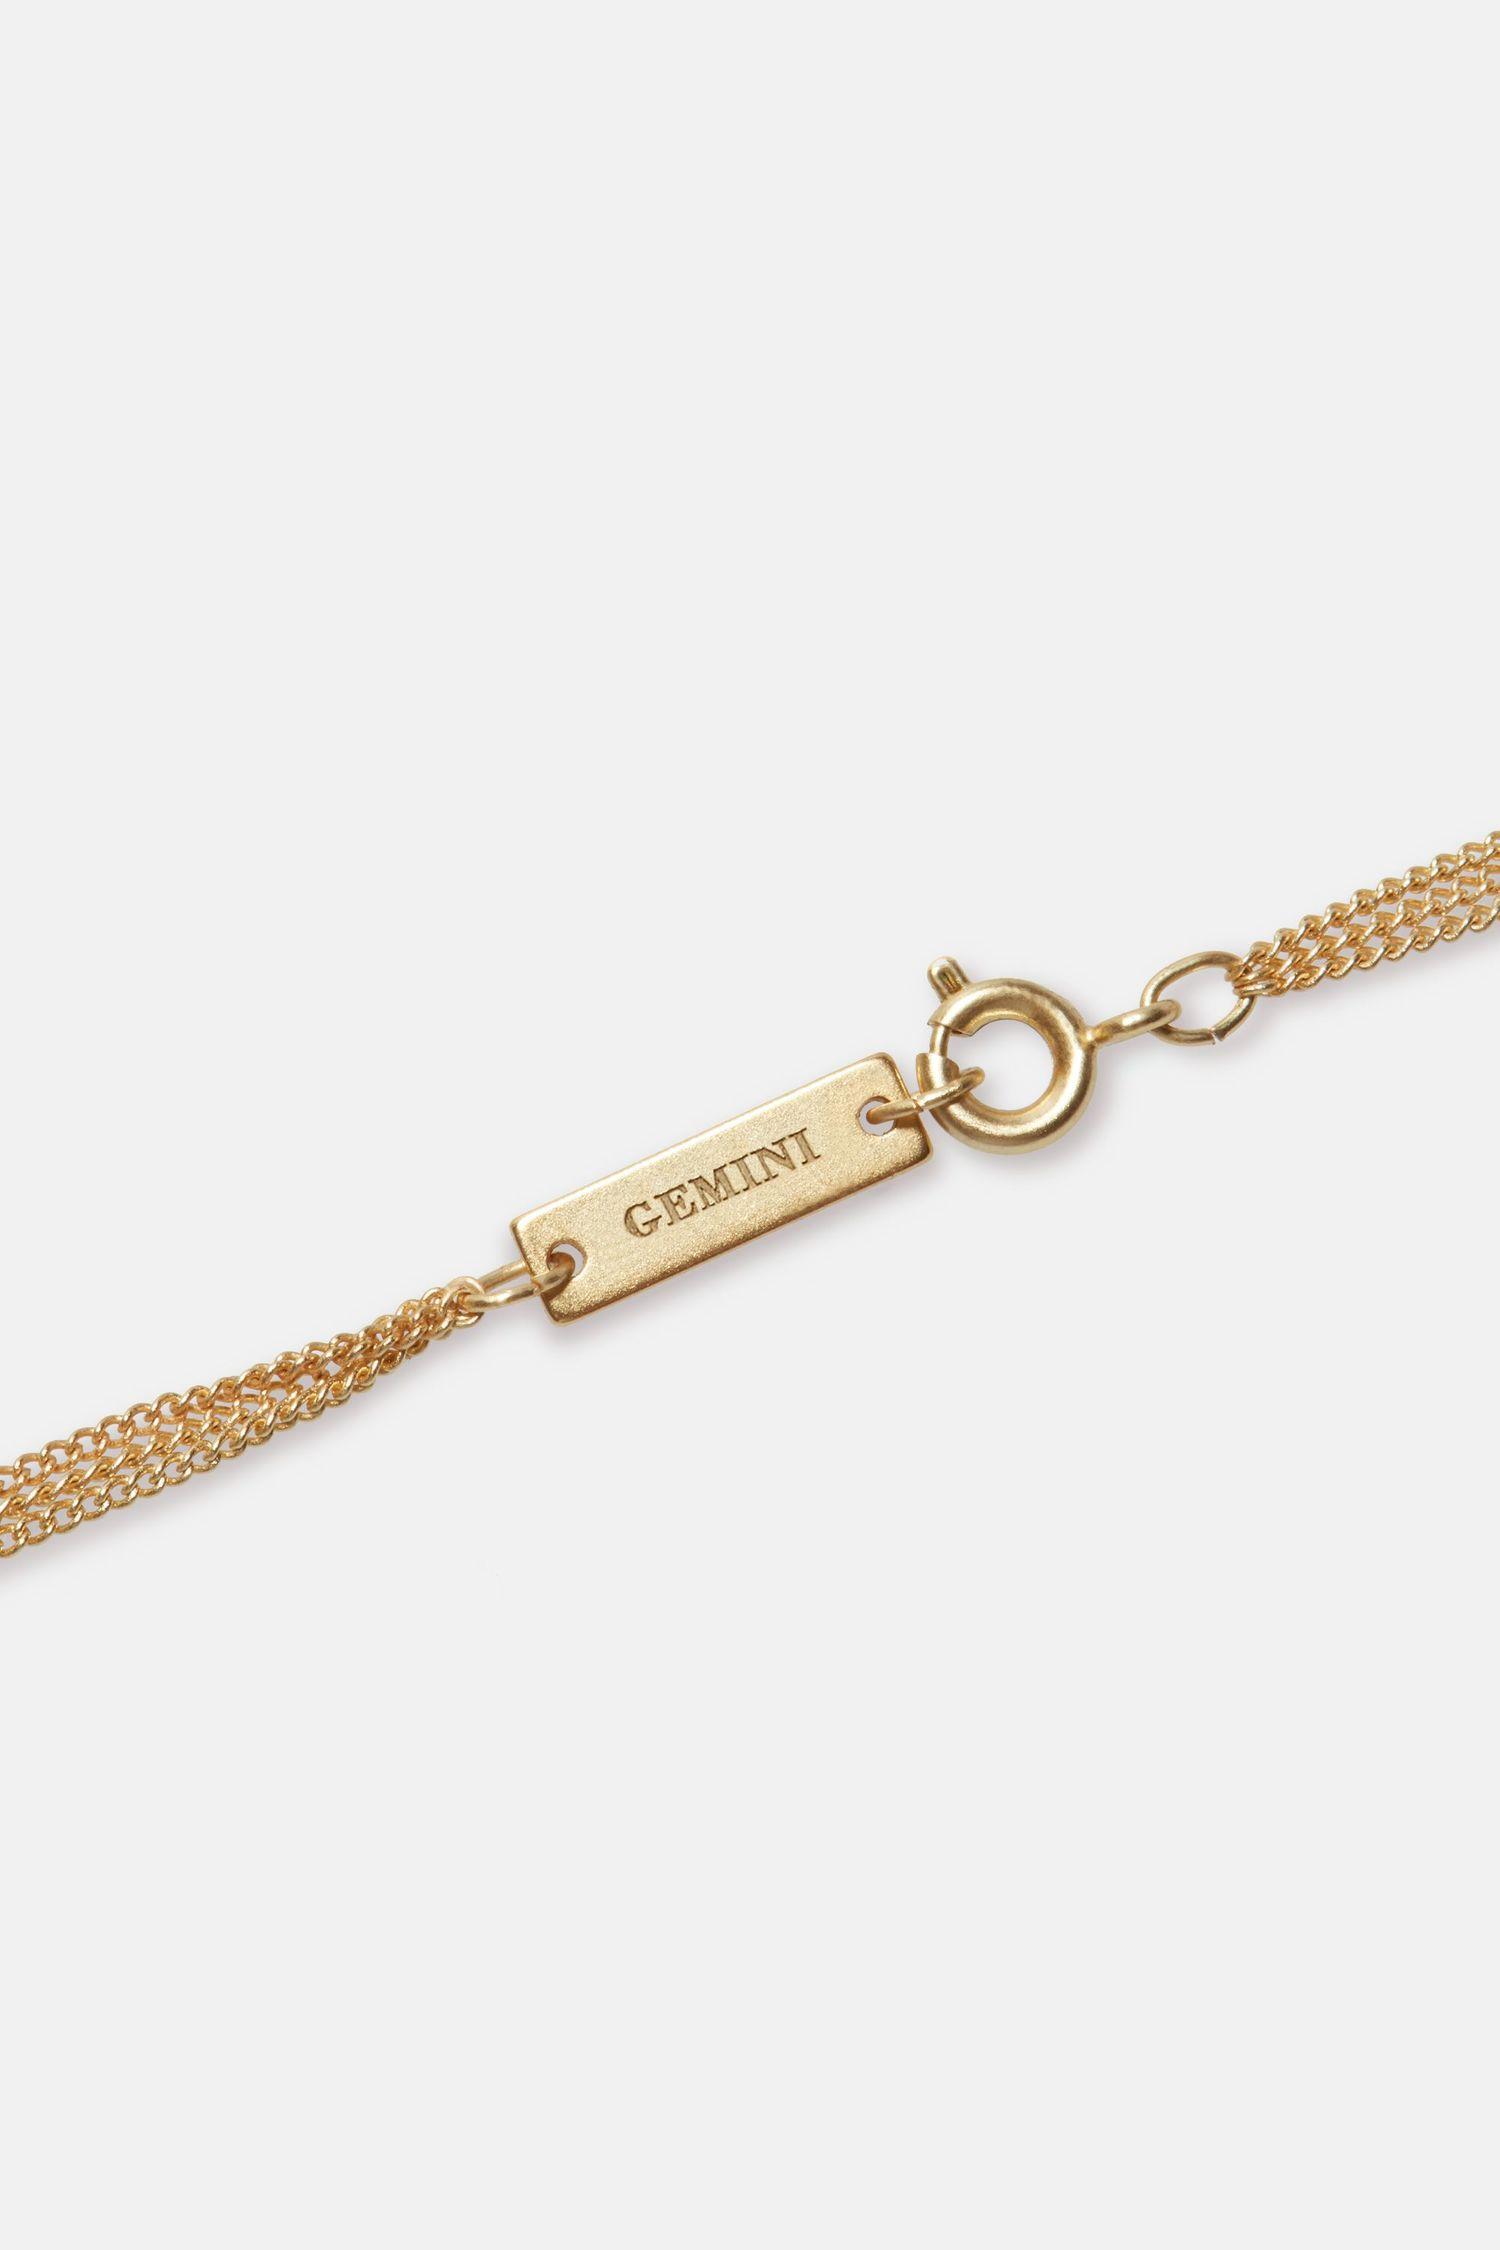 Gemini Zodiac necklace